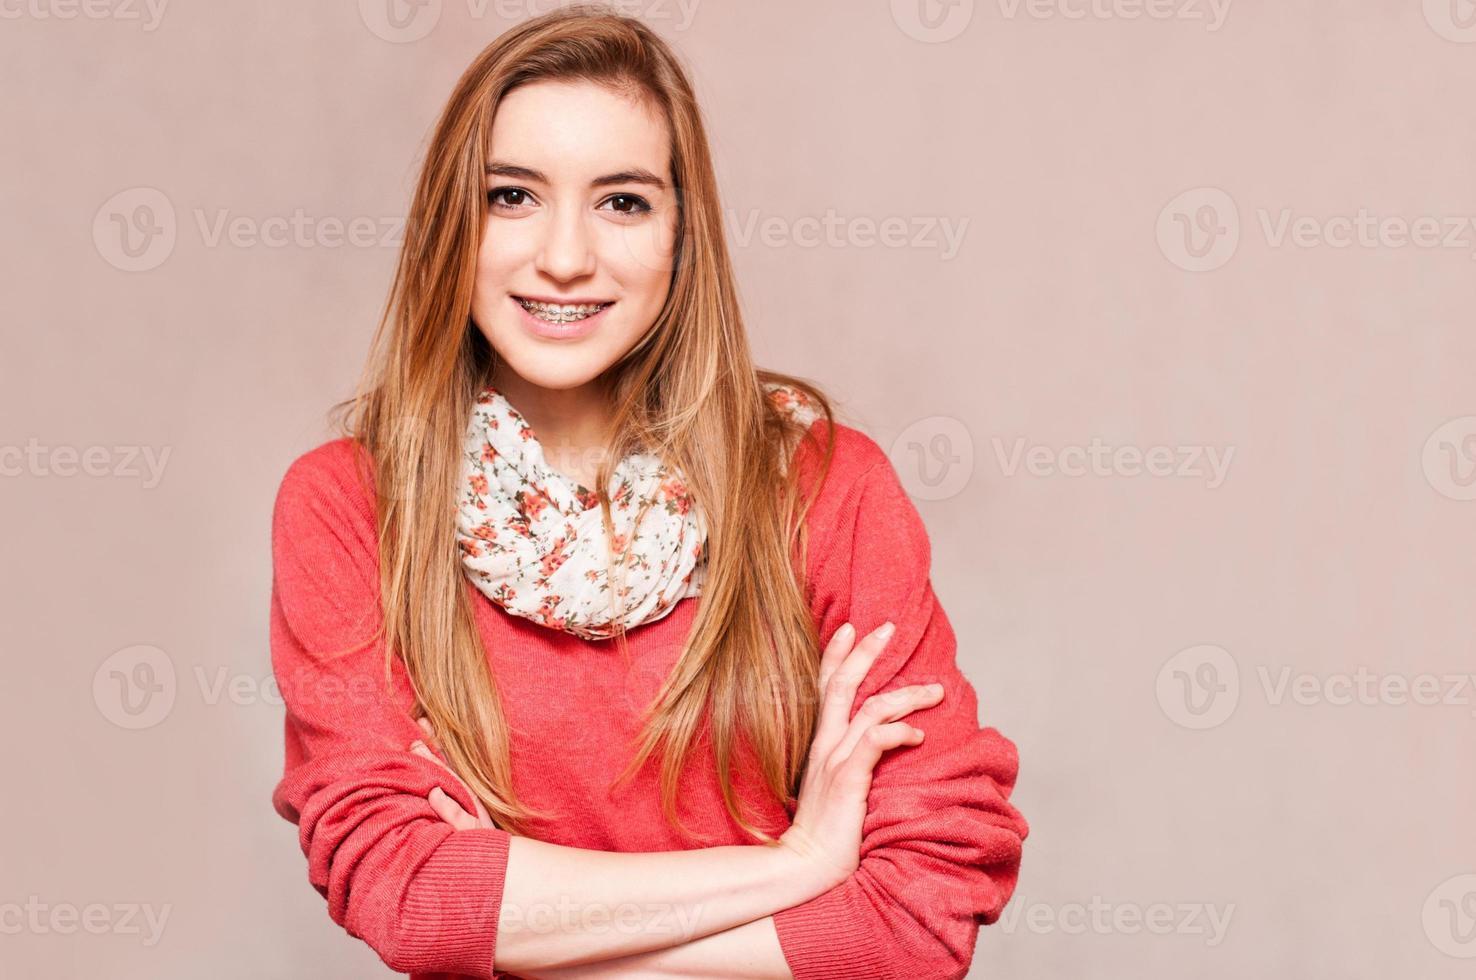 ragazza sorridente con bretelle foto